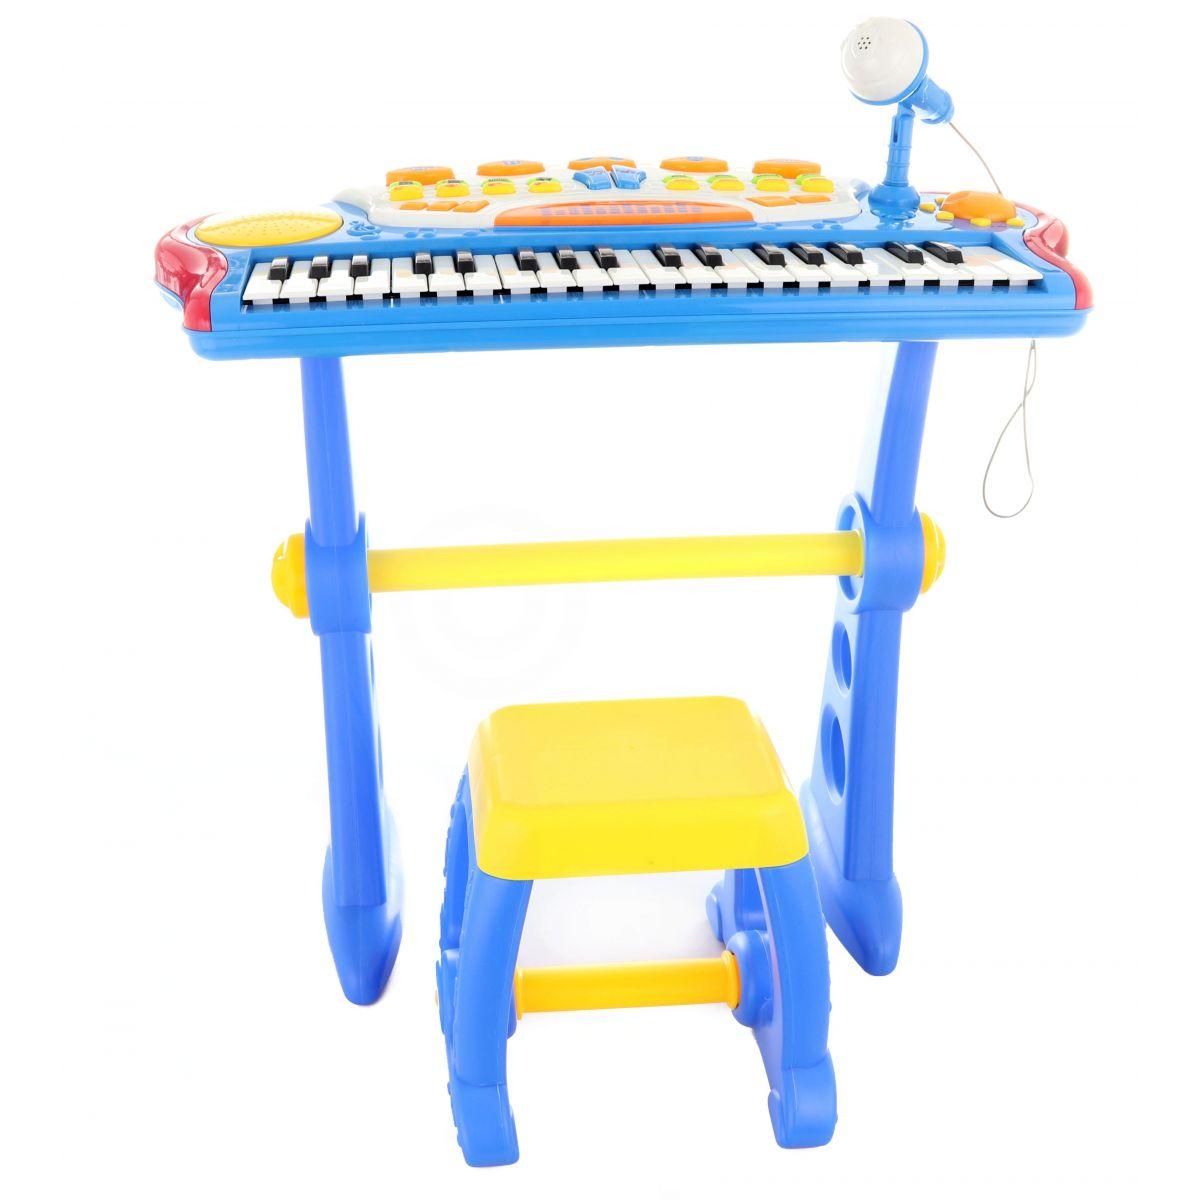 Piáno s adaptérem 37 kláves modrá - Poškozený obal